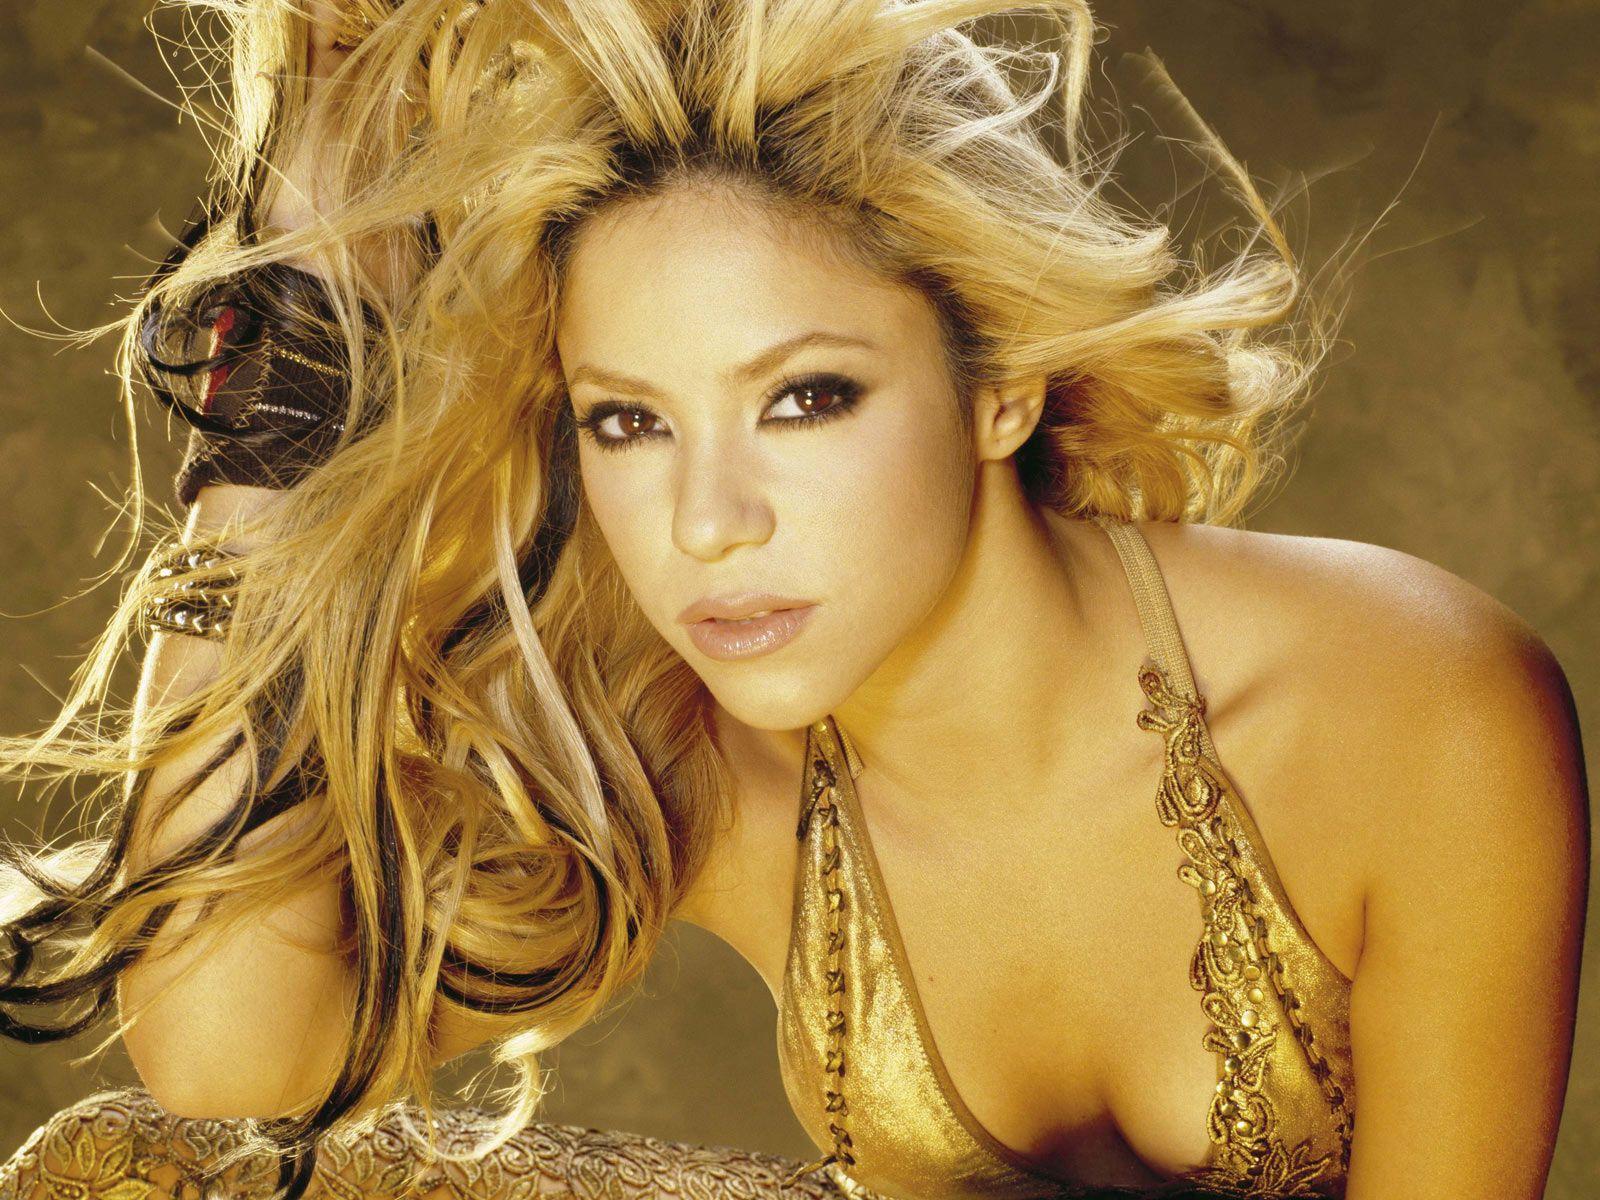 http://1.bp.blogspot.com/-Xa5MeswYCA4/T9IYxyJJOjI/AAAAAAAABpo/jx32OSbbZWU/s1600/Shakira+wallpapers+3.jpg